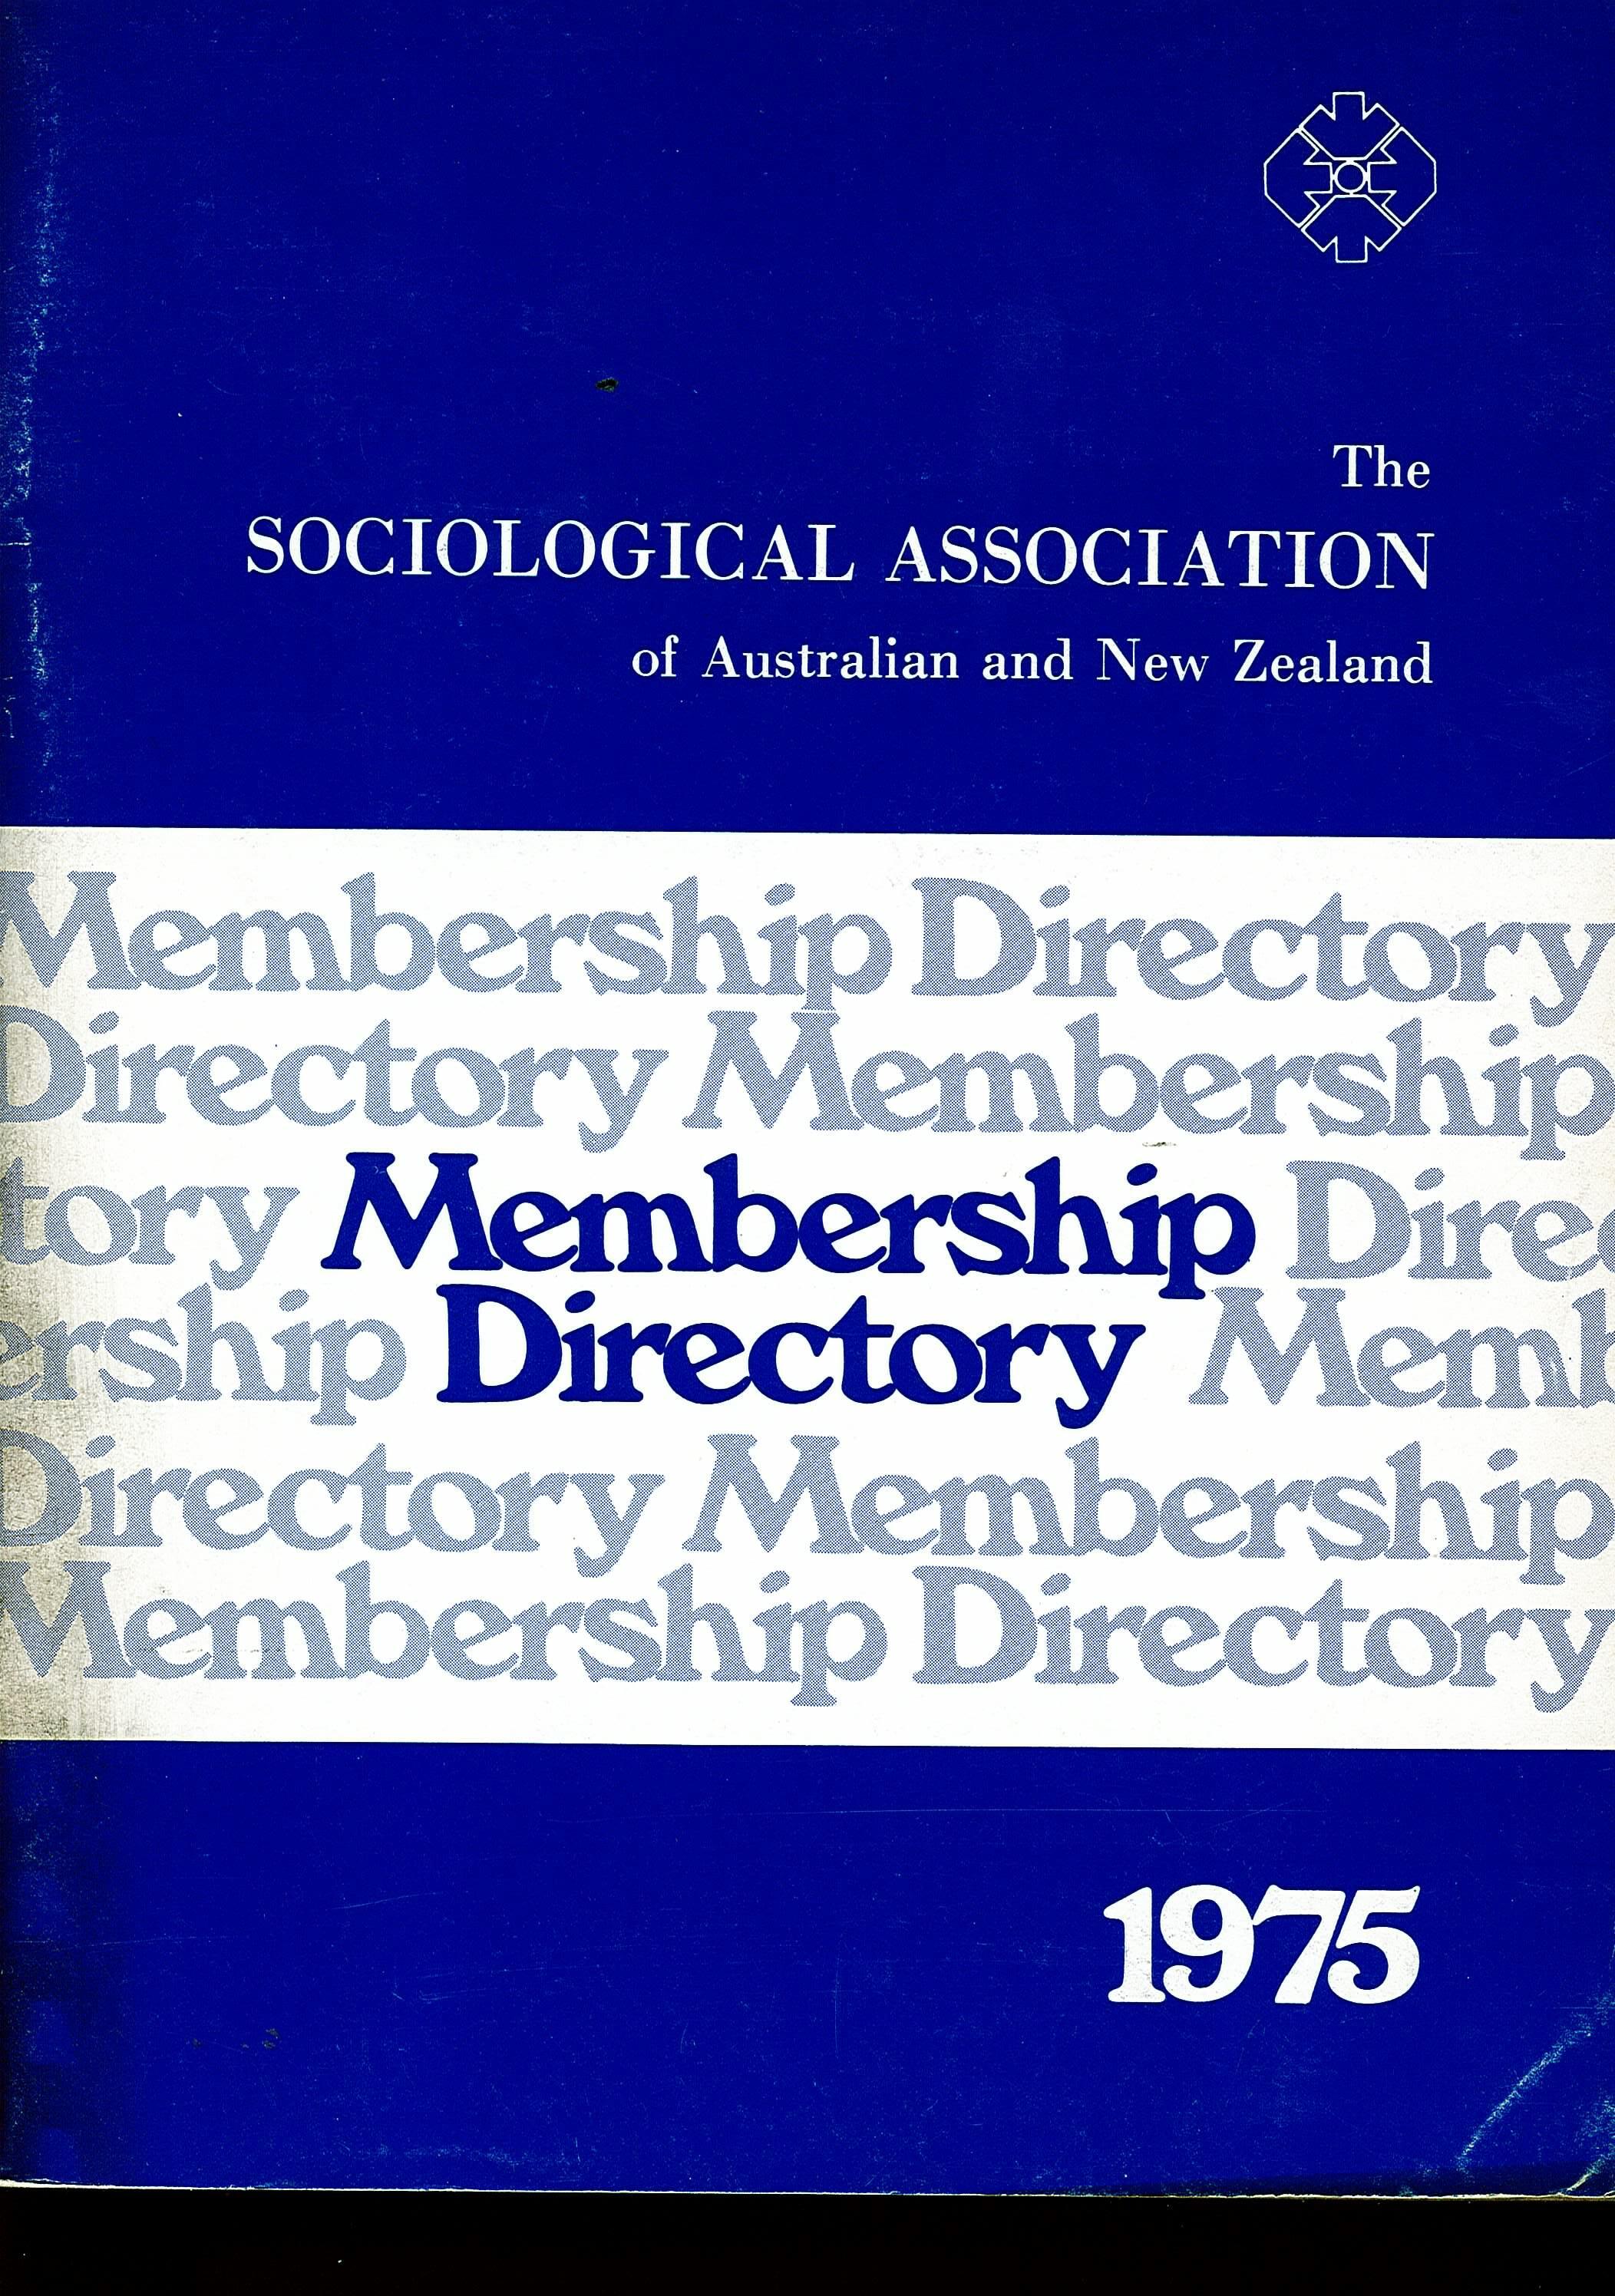 1975 membership cover